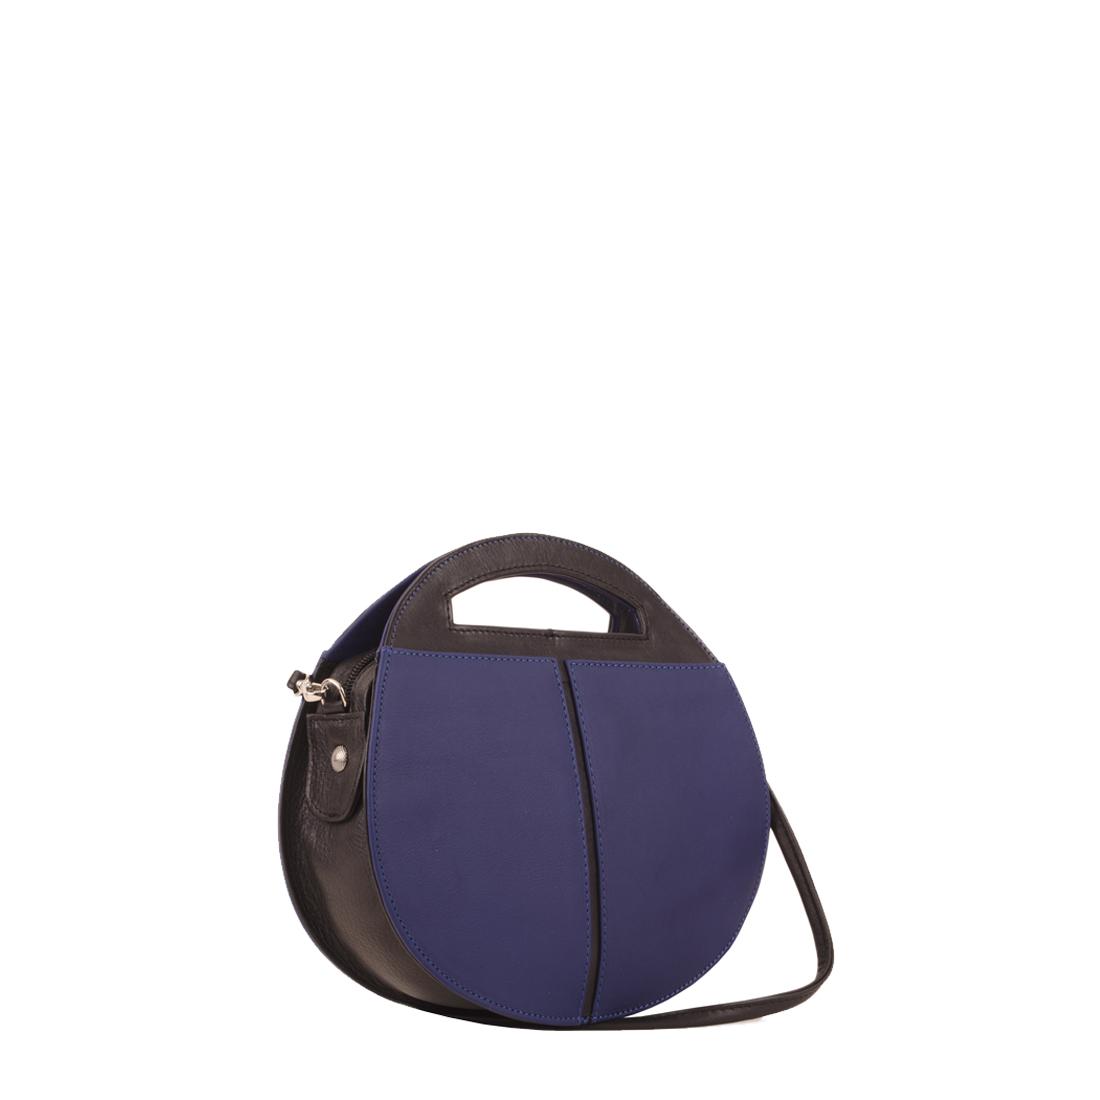 Olivia Blue with black Leather Shoulder Bag